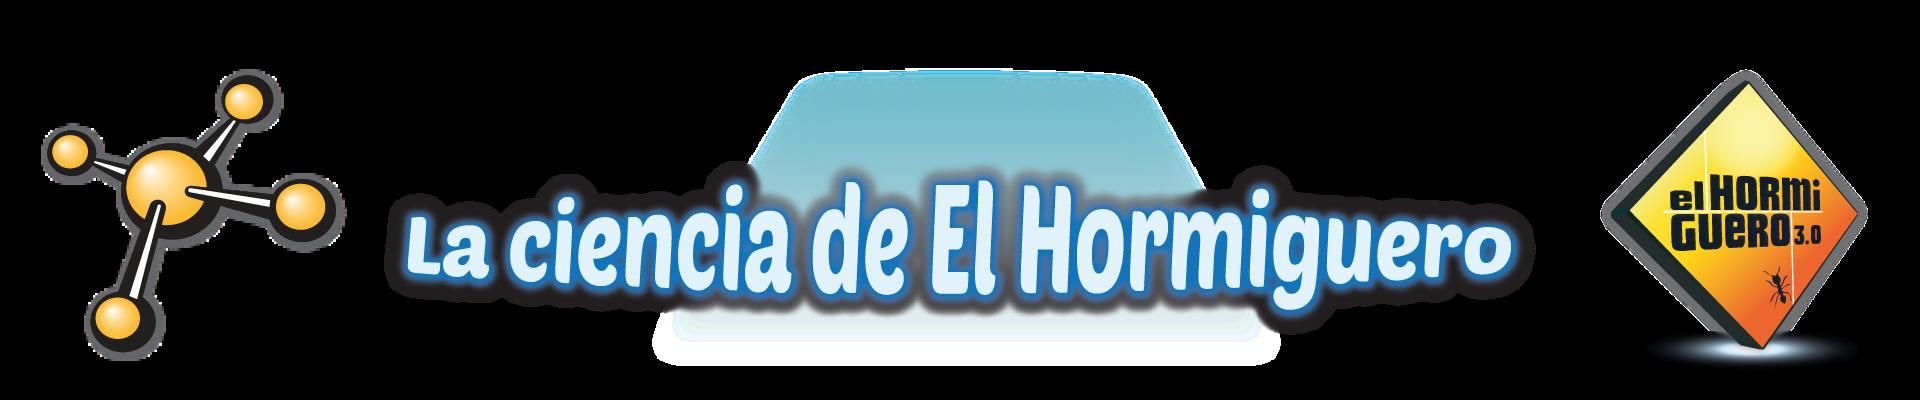 hormigero-banner